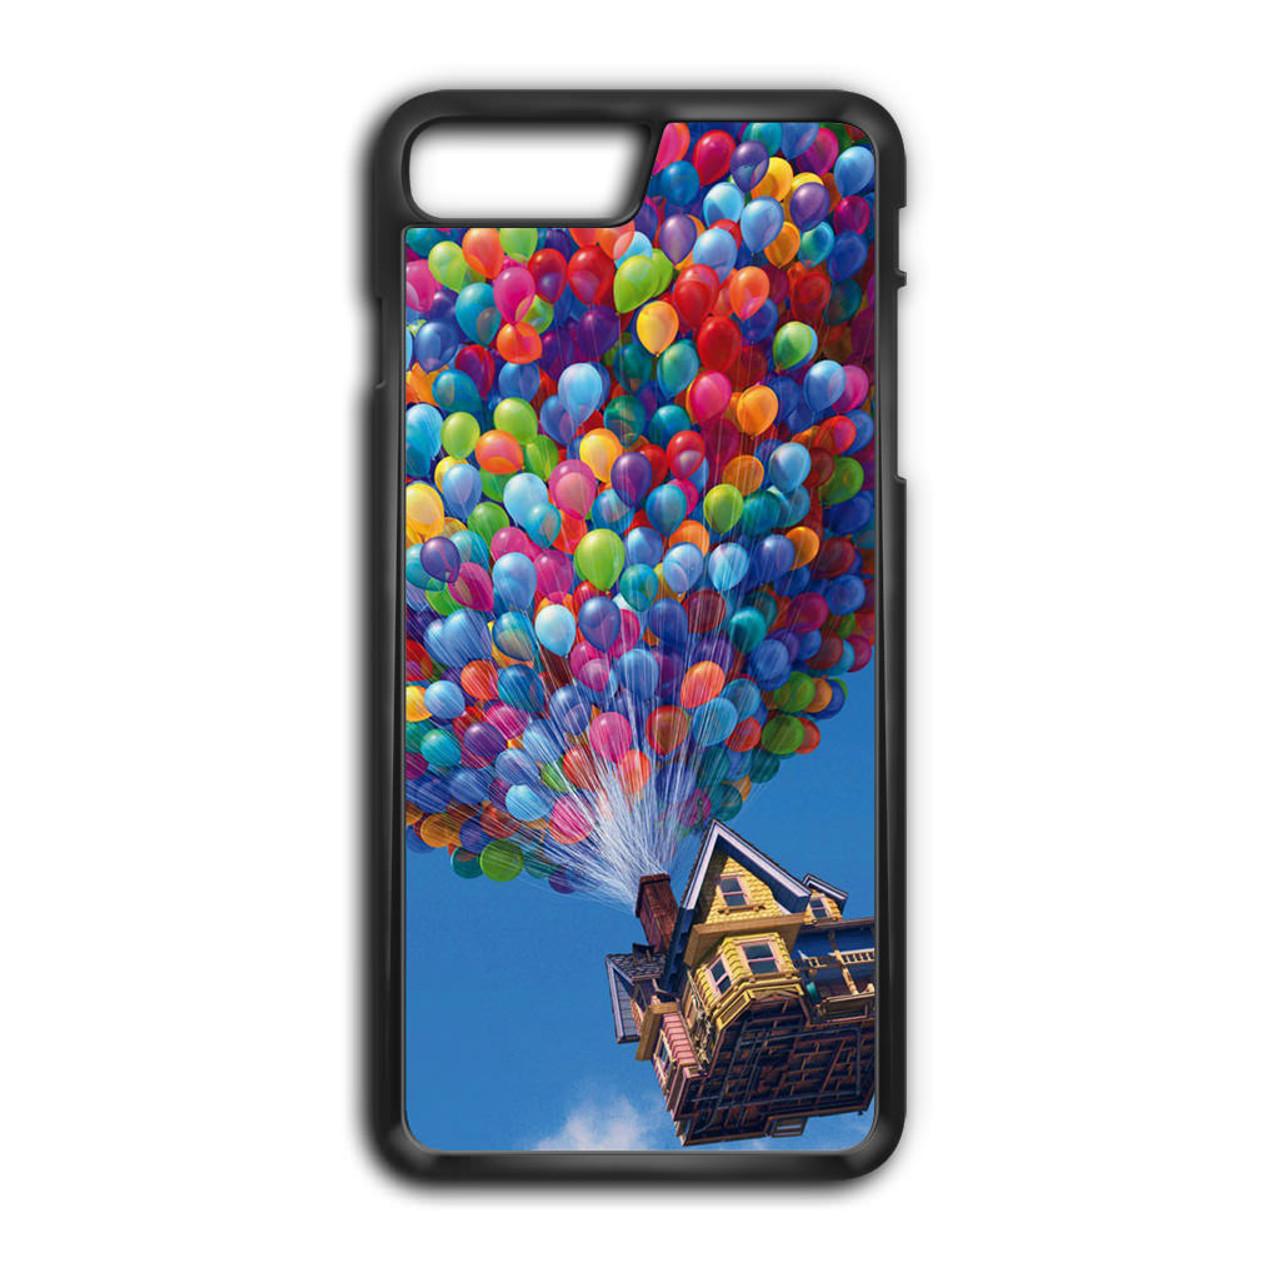 disney iphone 8 plus phone case